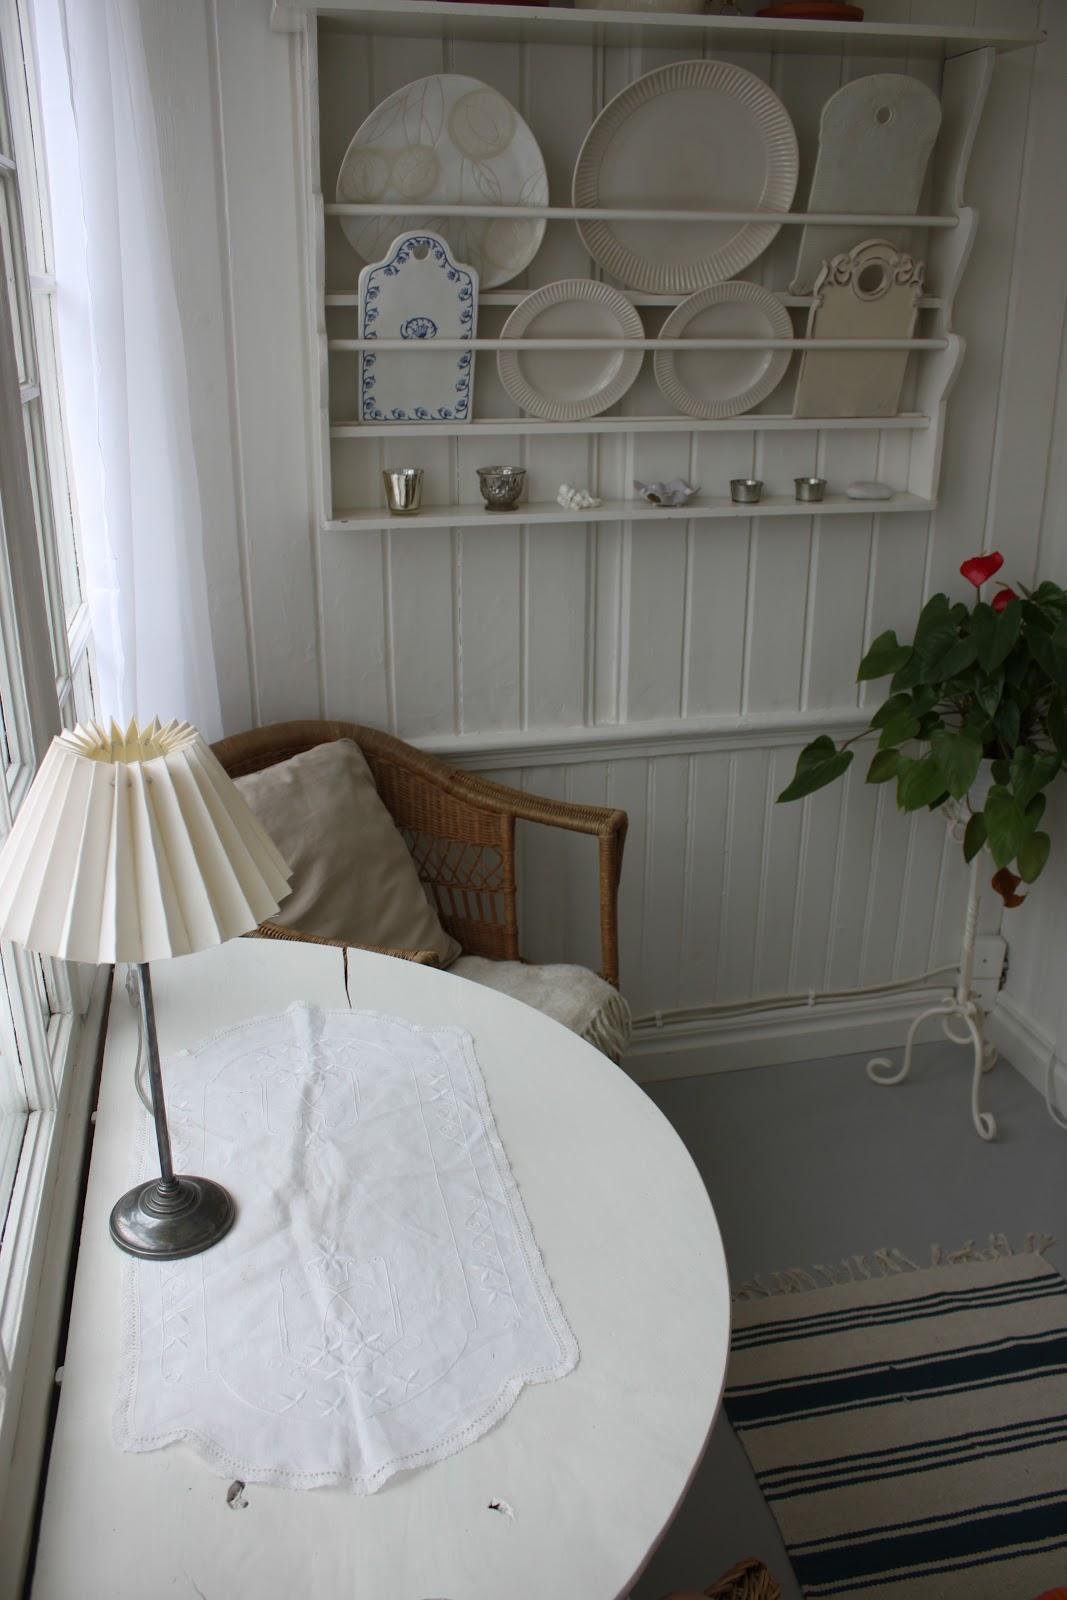 Villa krogstad